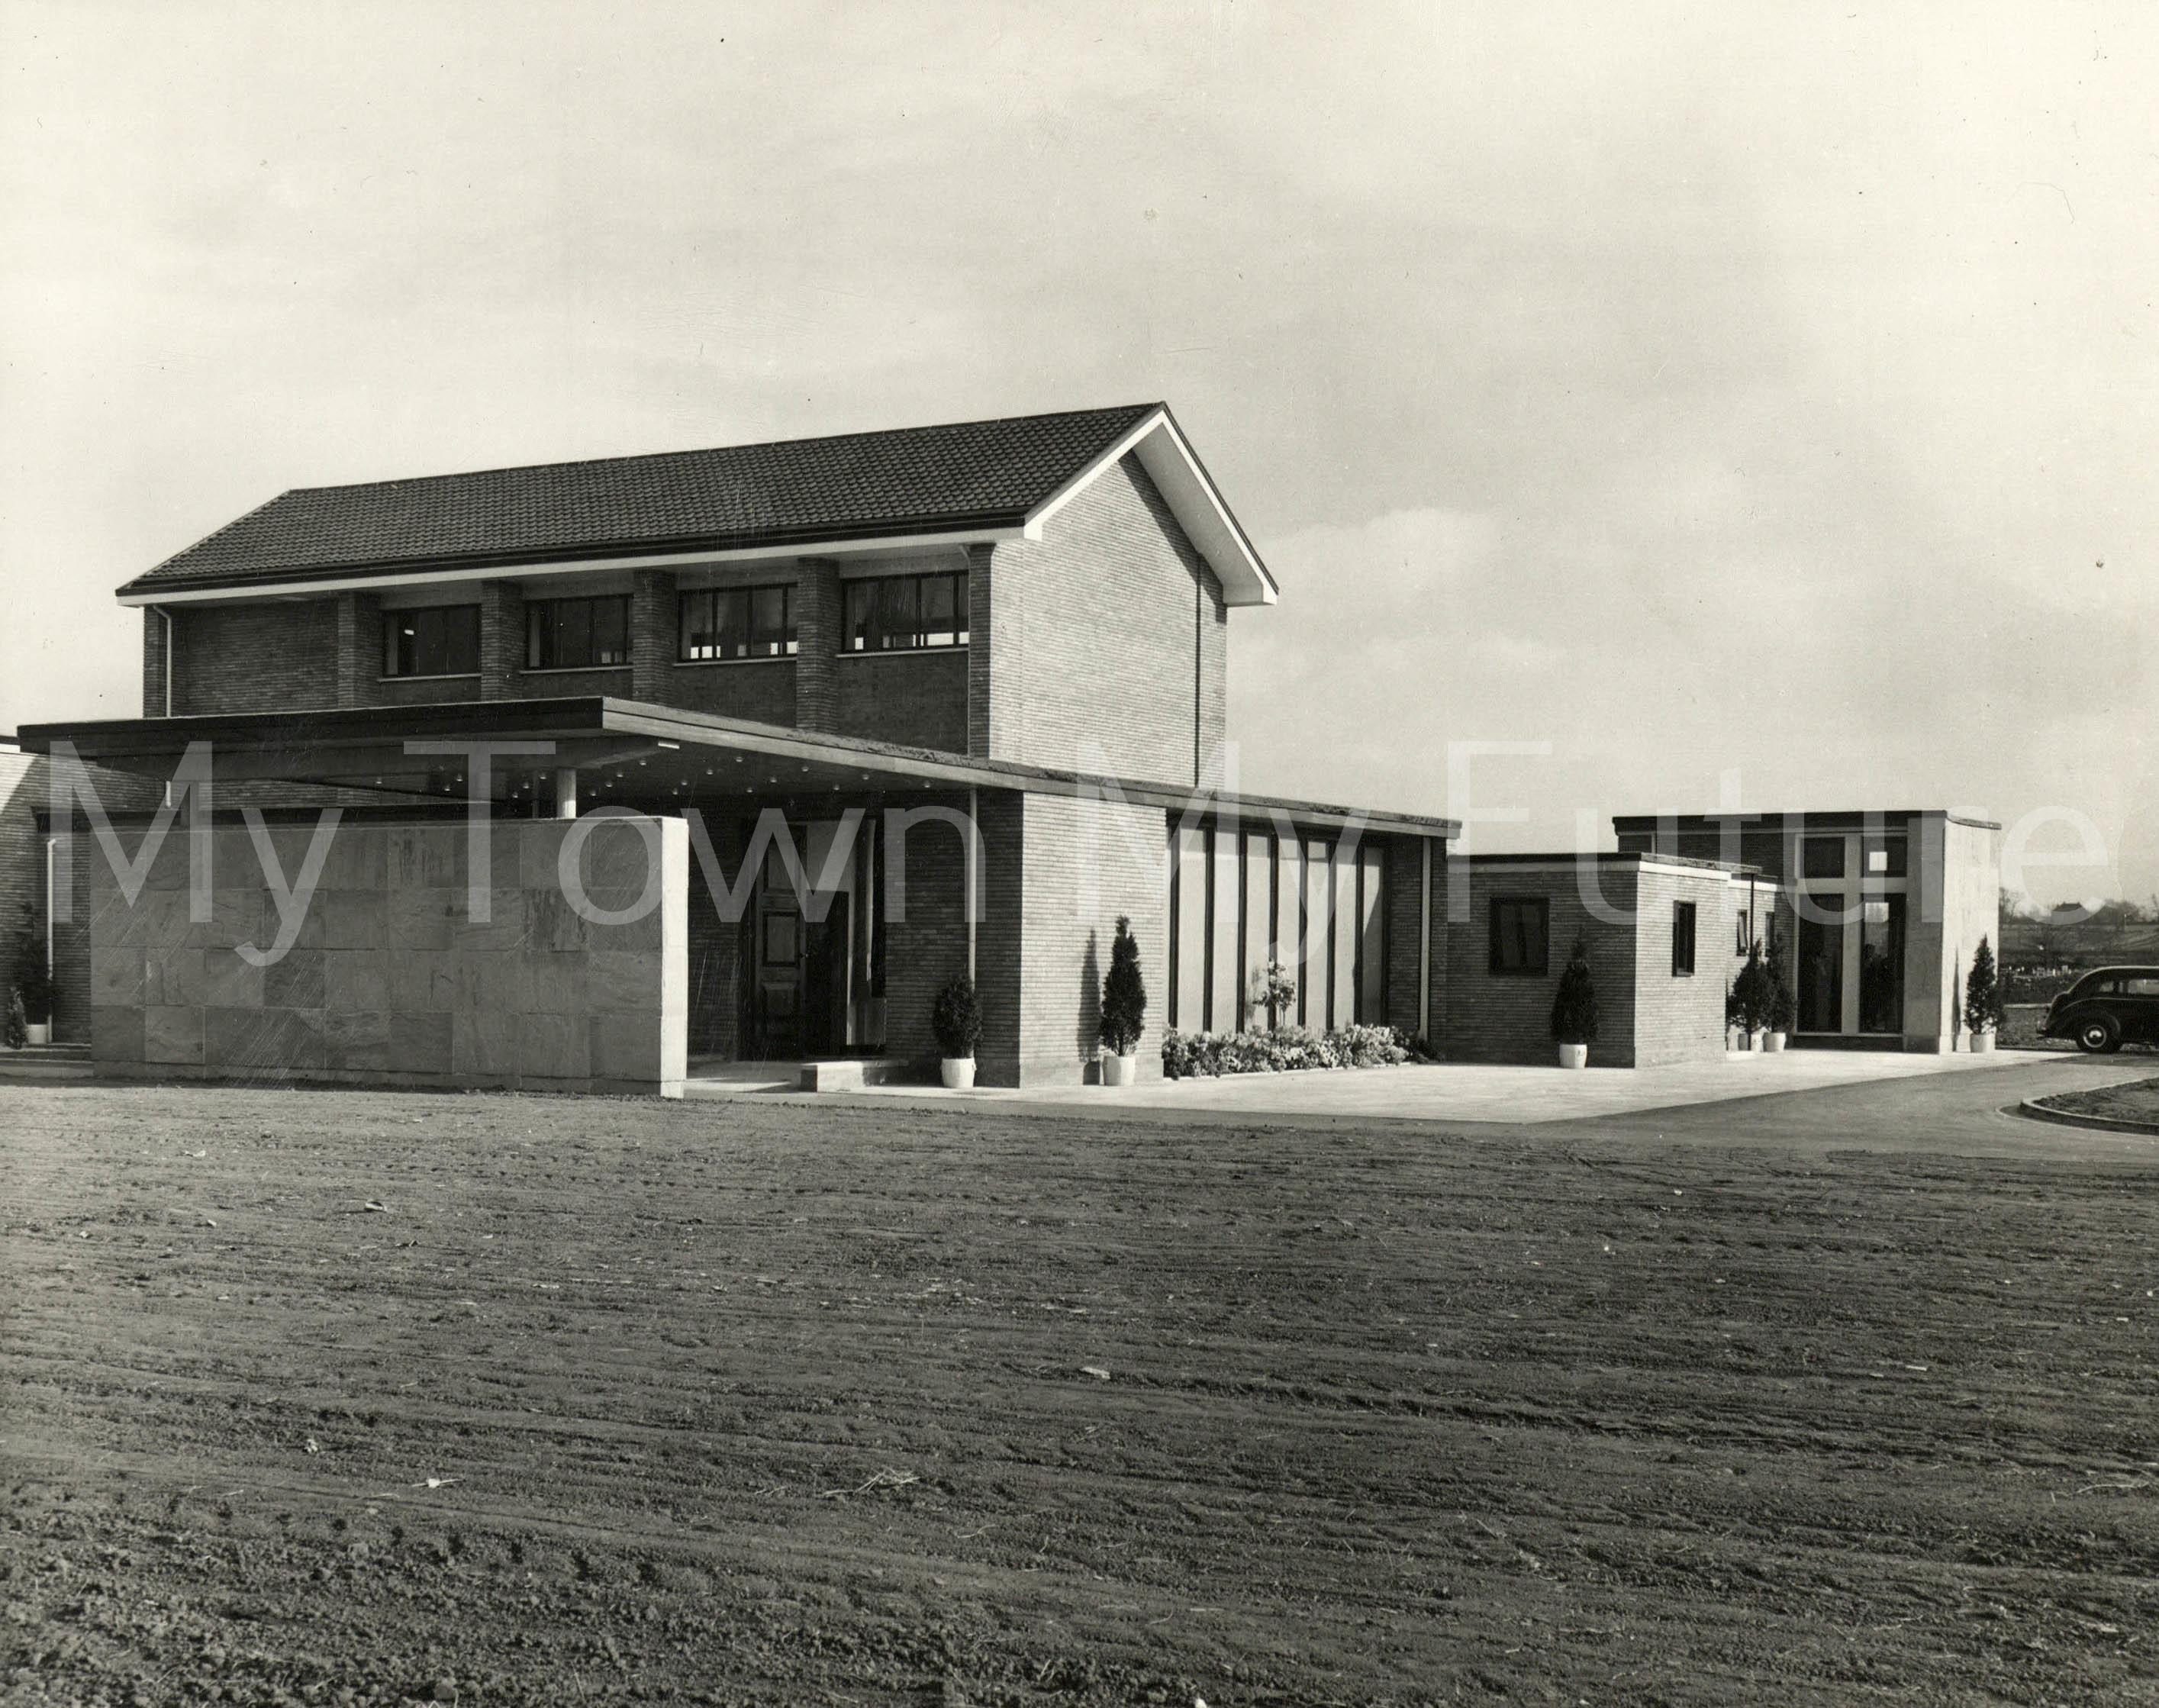 Middlesbrough Crematorium, 1961, Borough Engineers Department